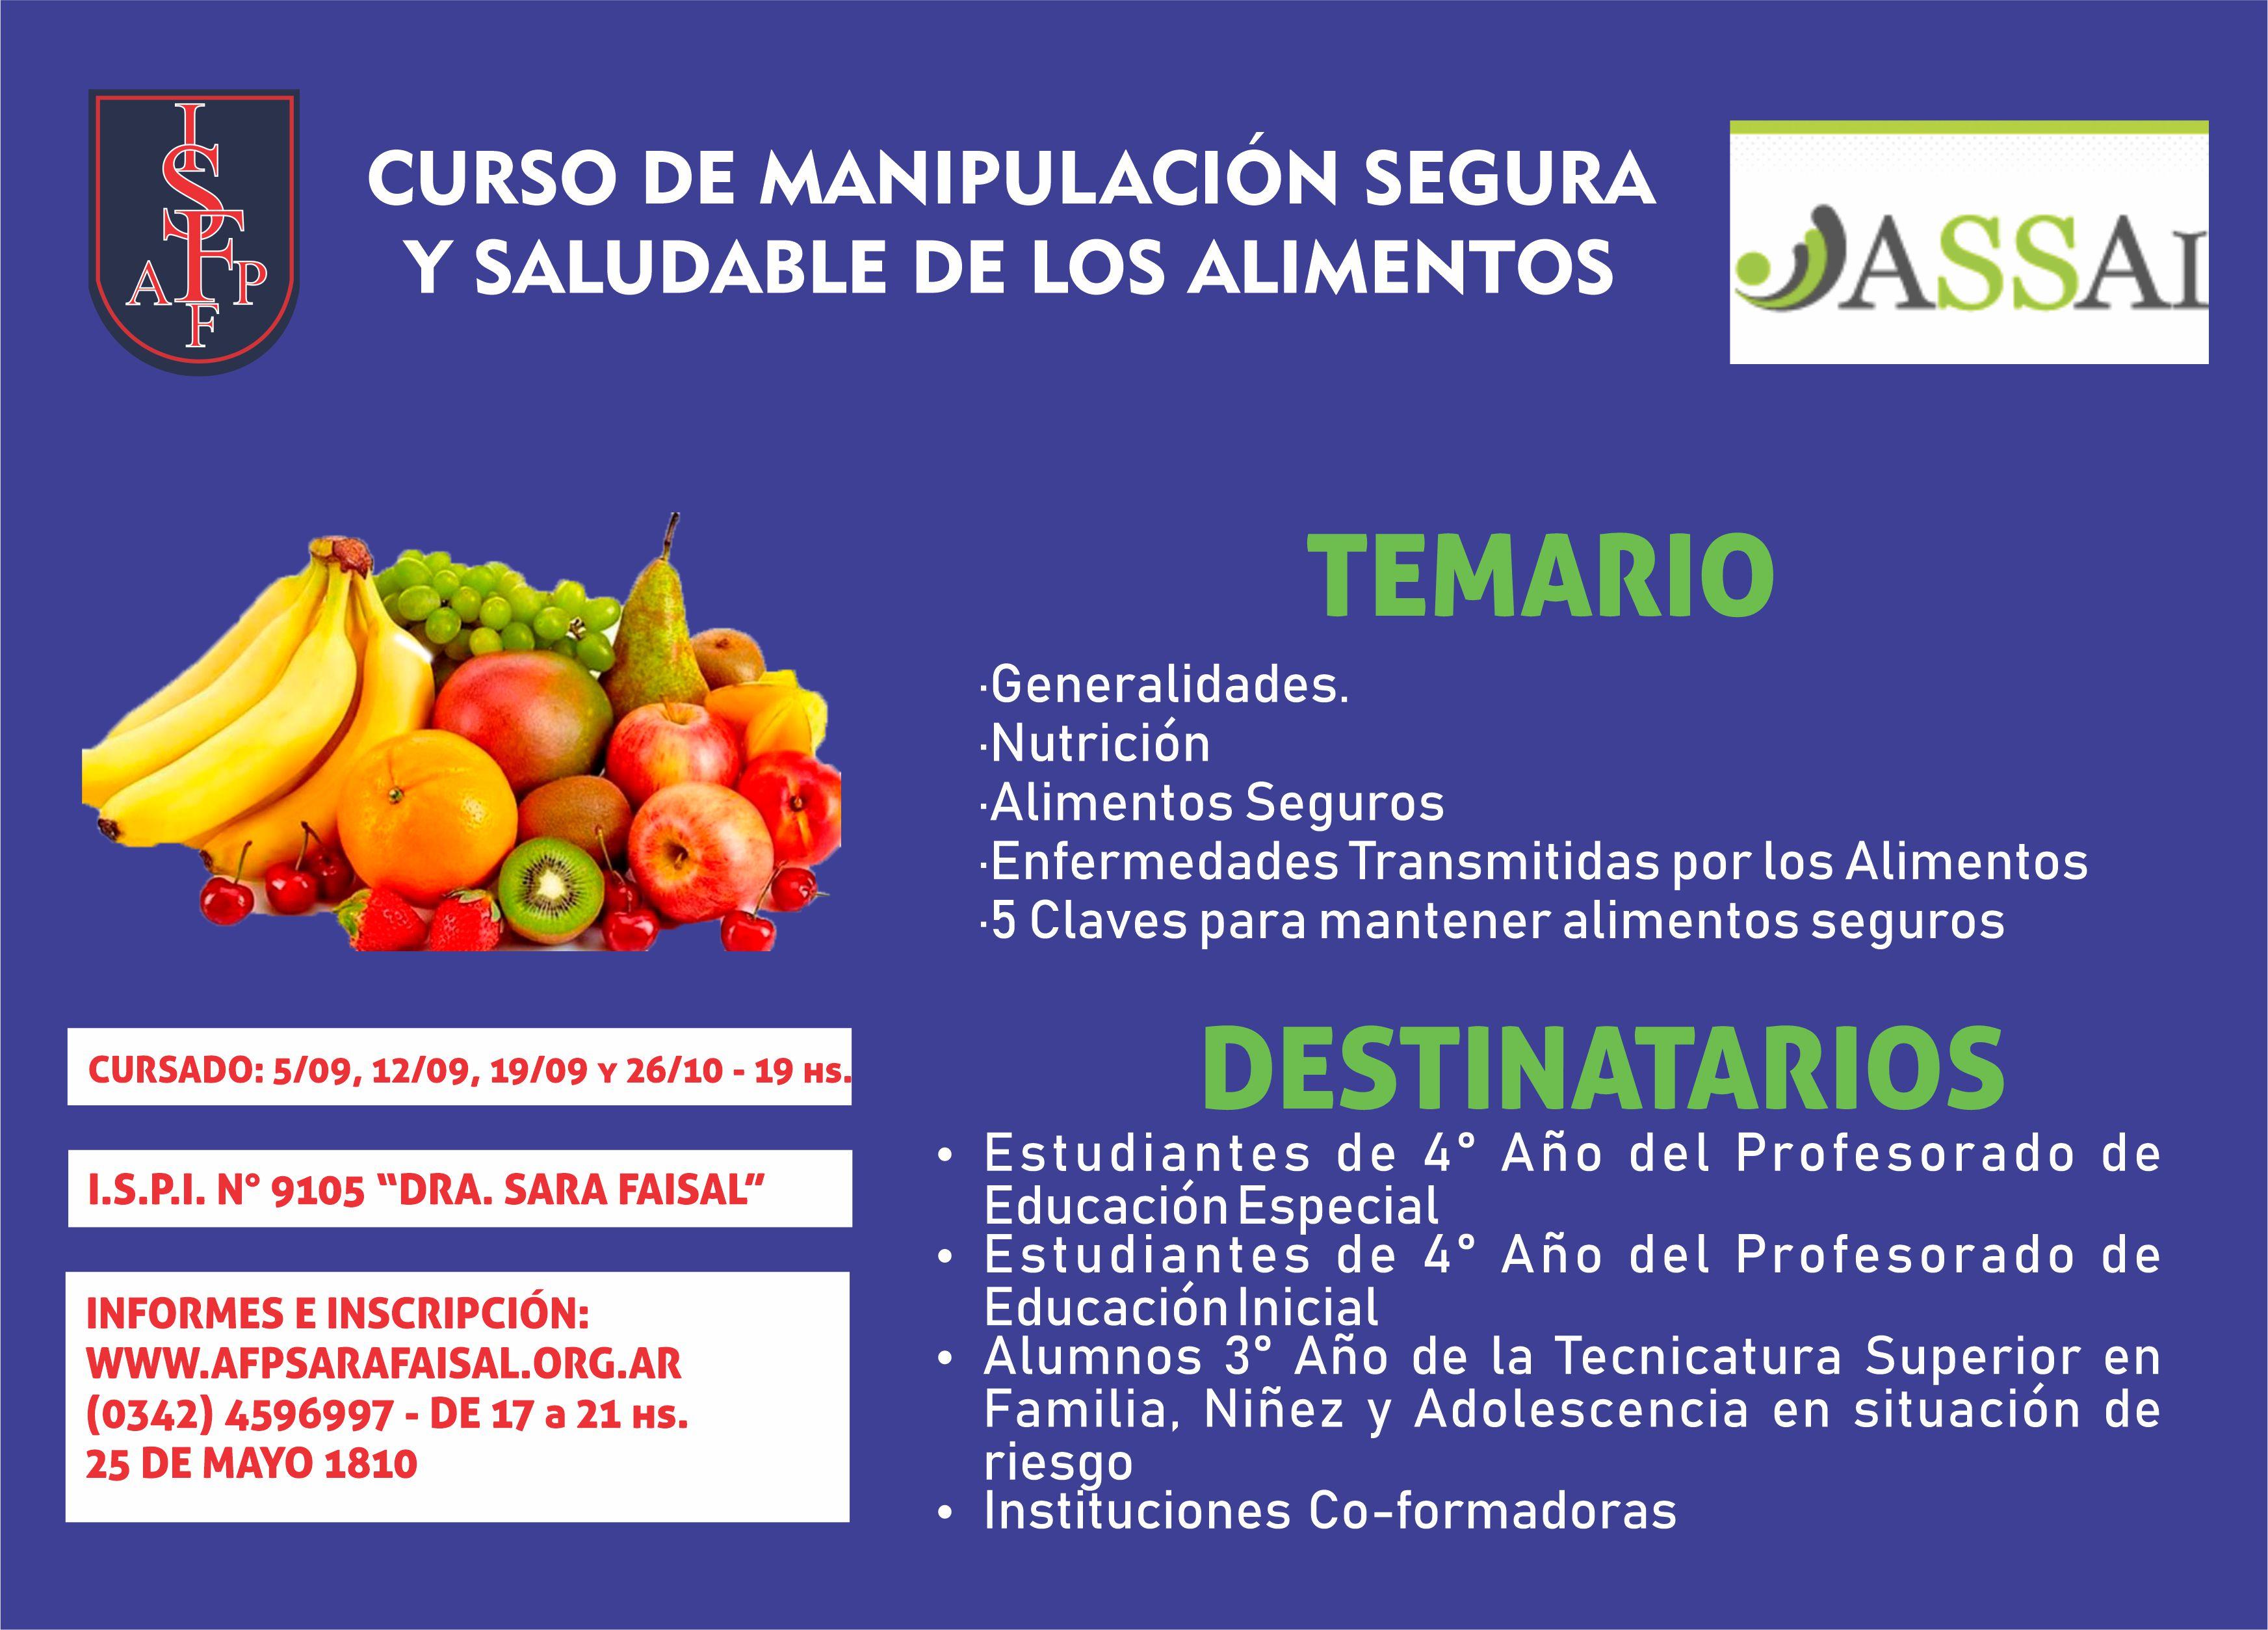 Curso de Manipulación Segura y Saludable de los Alimentos